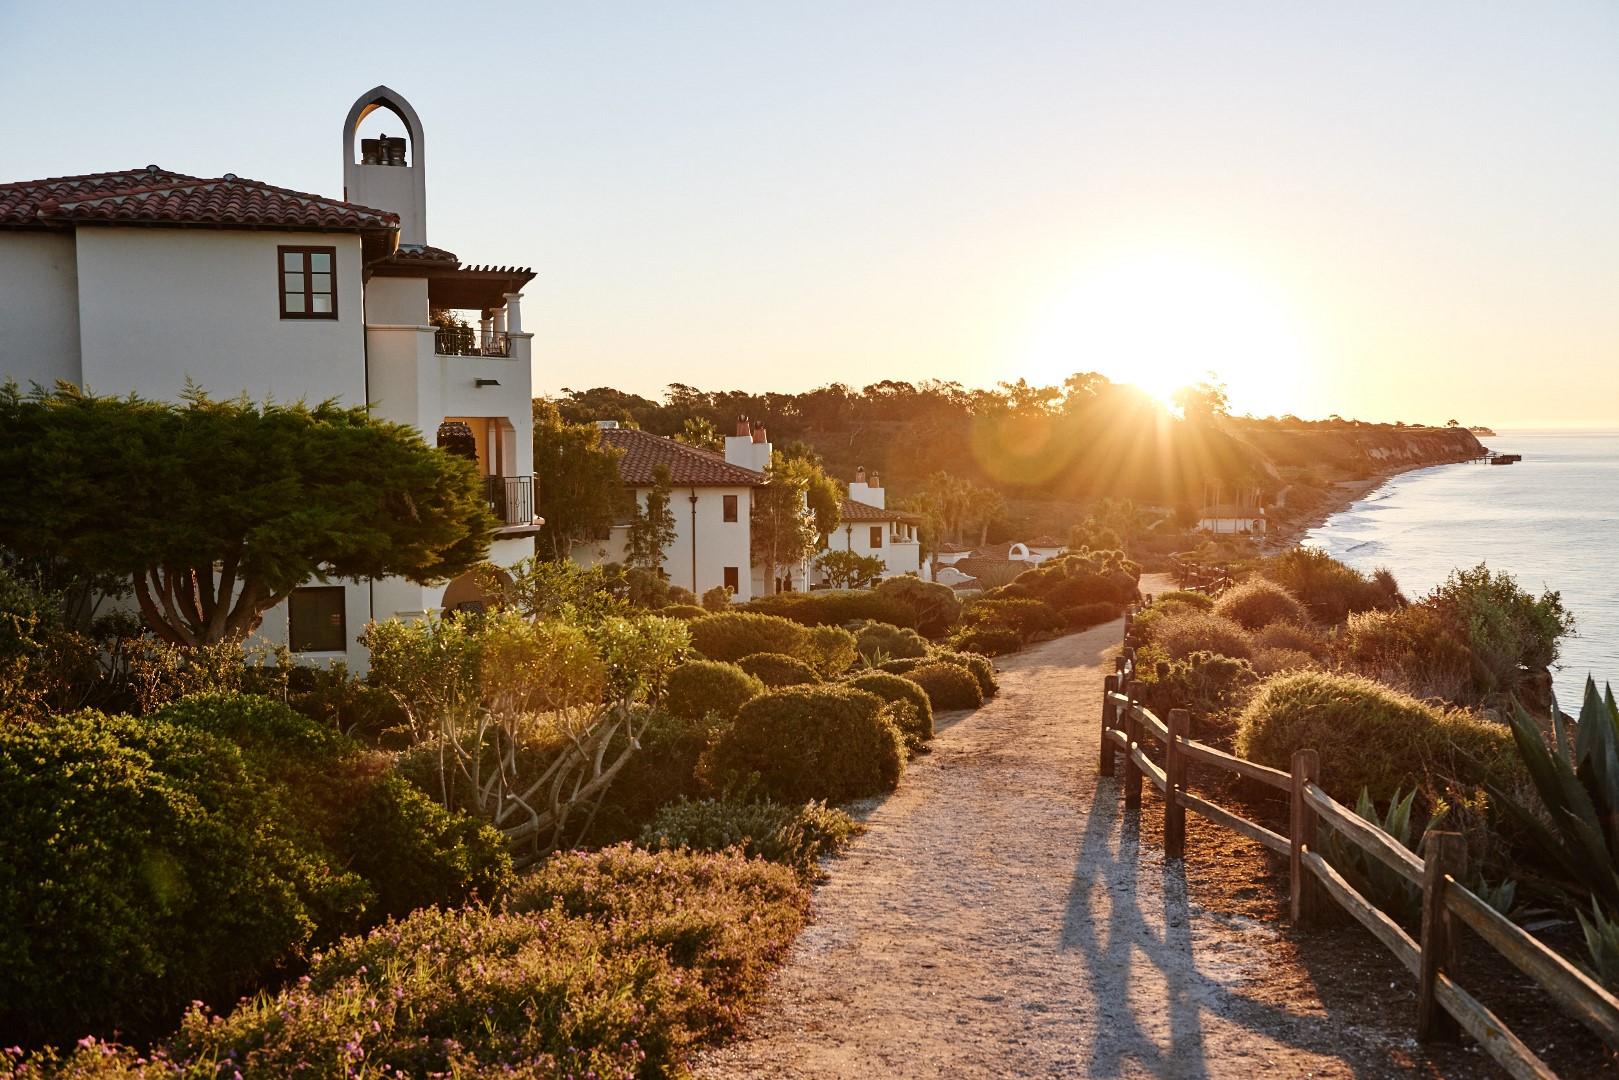 Bluff at Sunrise - The Ritz-Carlton Bacara, Santa Barbara.jpg